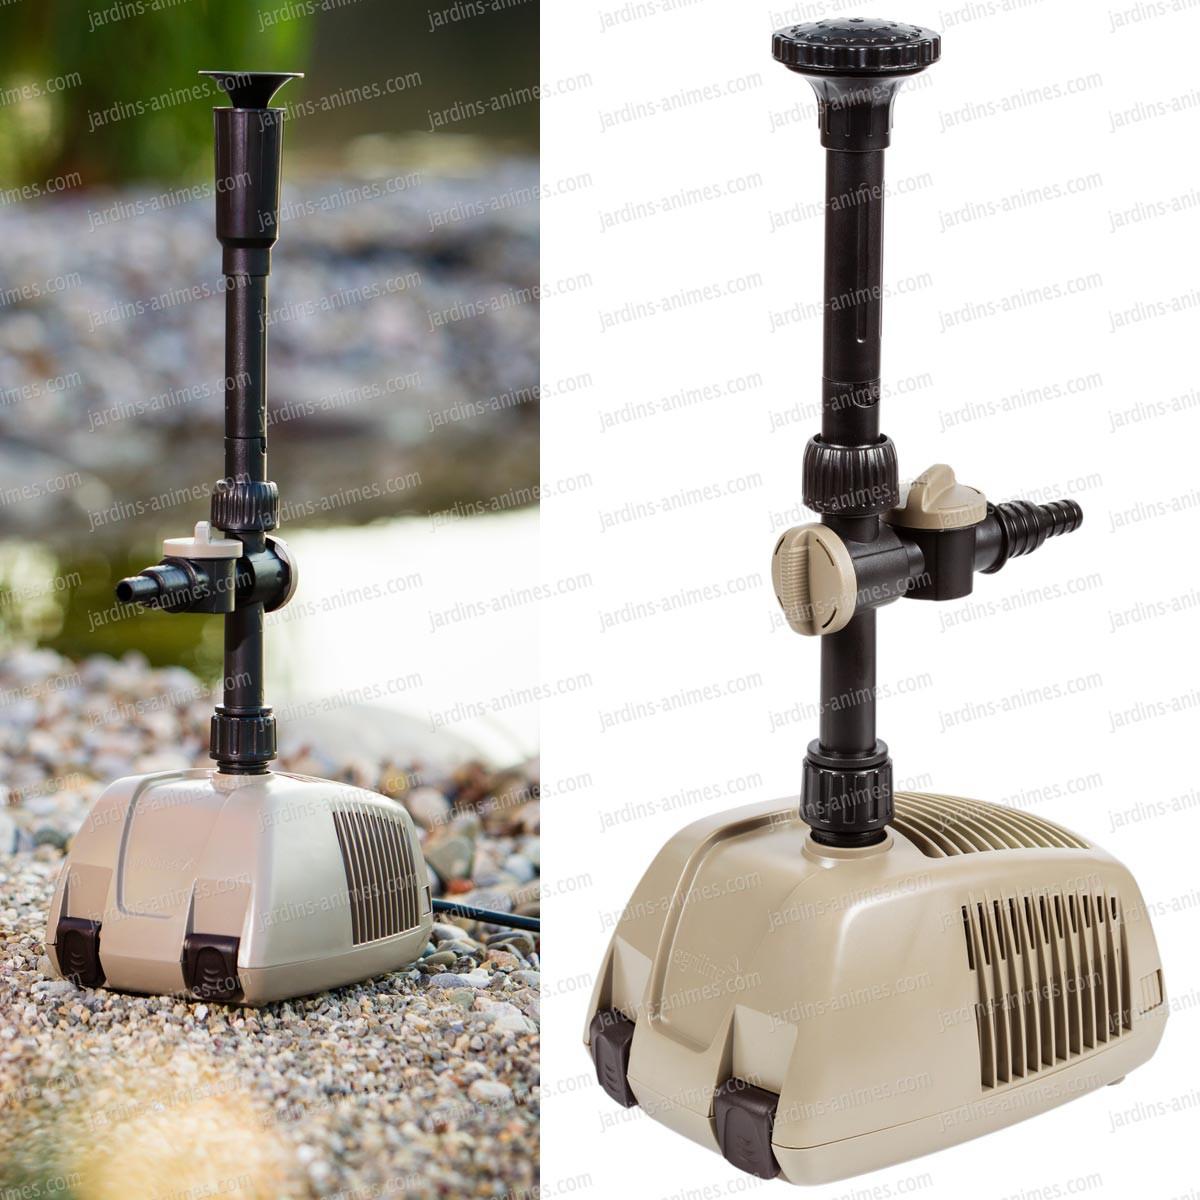 Pompe bassin et jet d 39 eau teira 2001 sujet fontaine for Sujet decoratif pour jardin